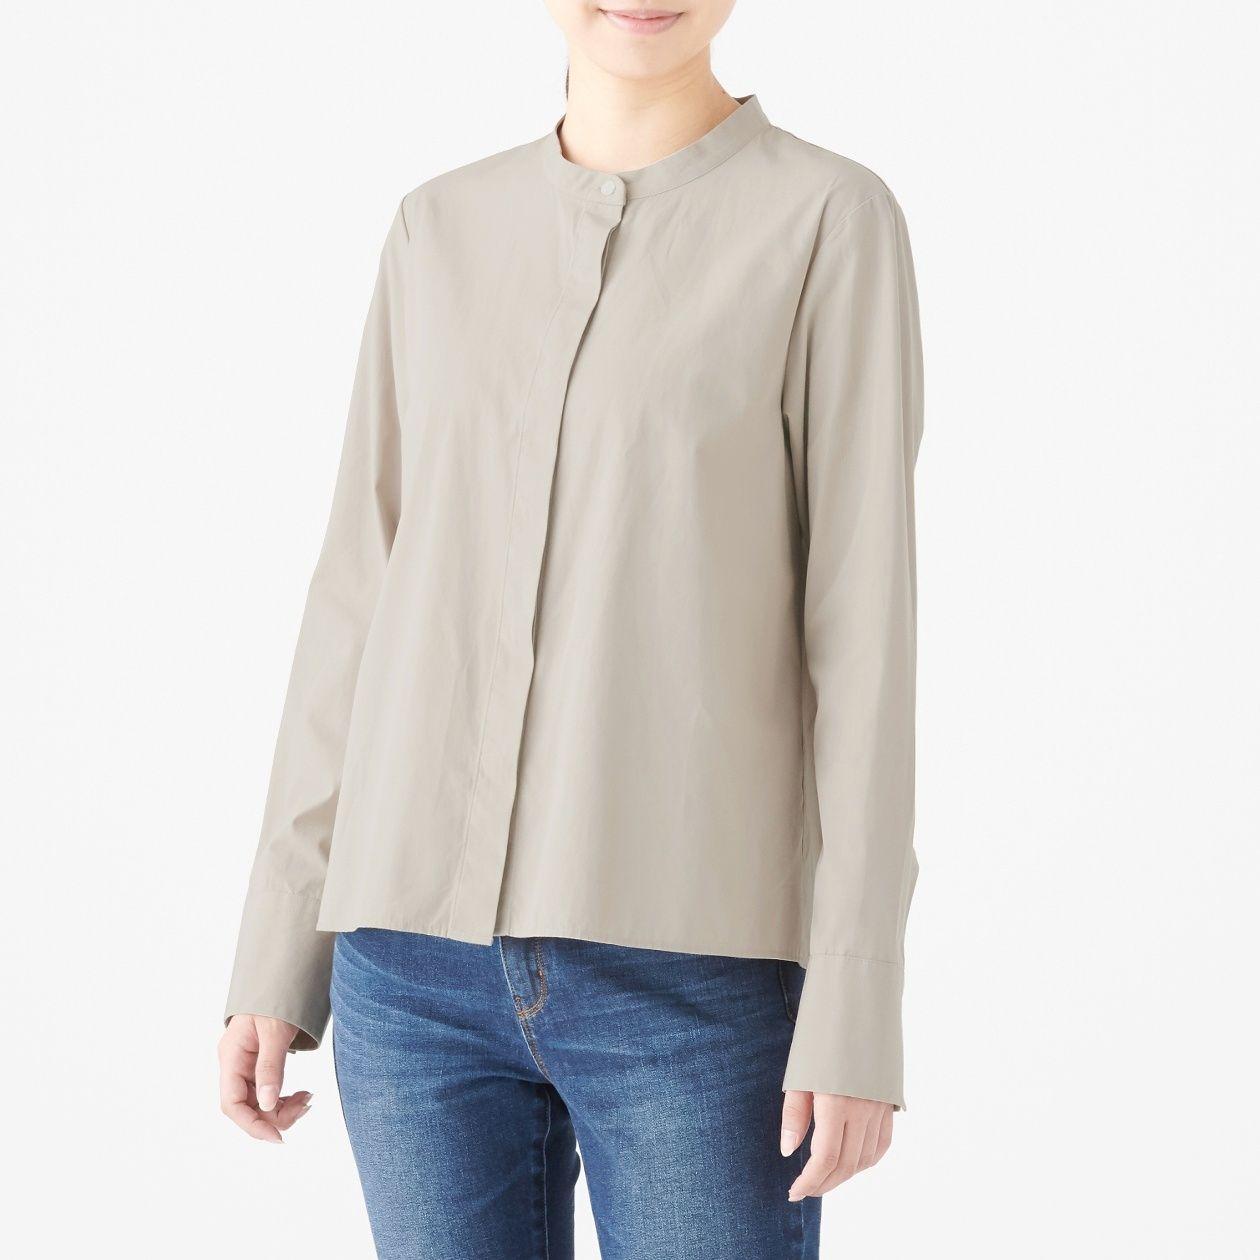 新疆綿洗いざらしブロードスタンドカラーシャツ